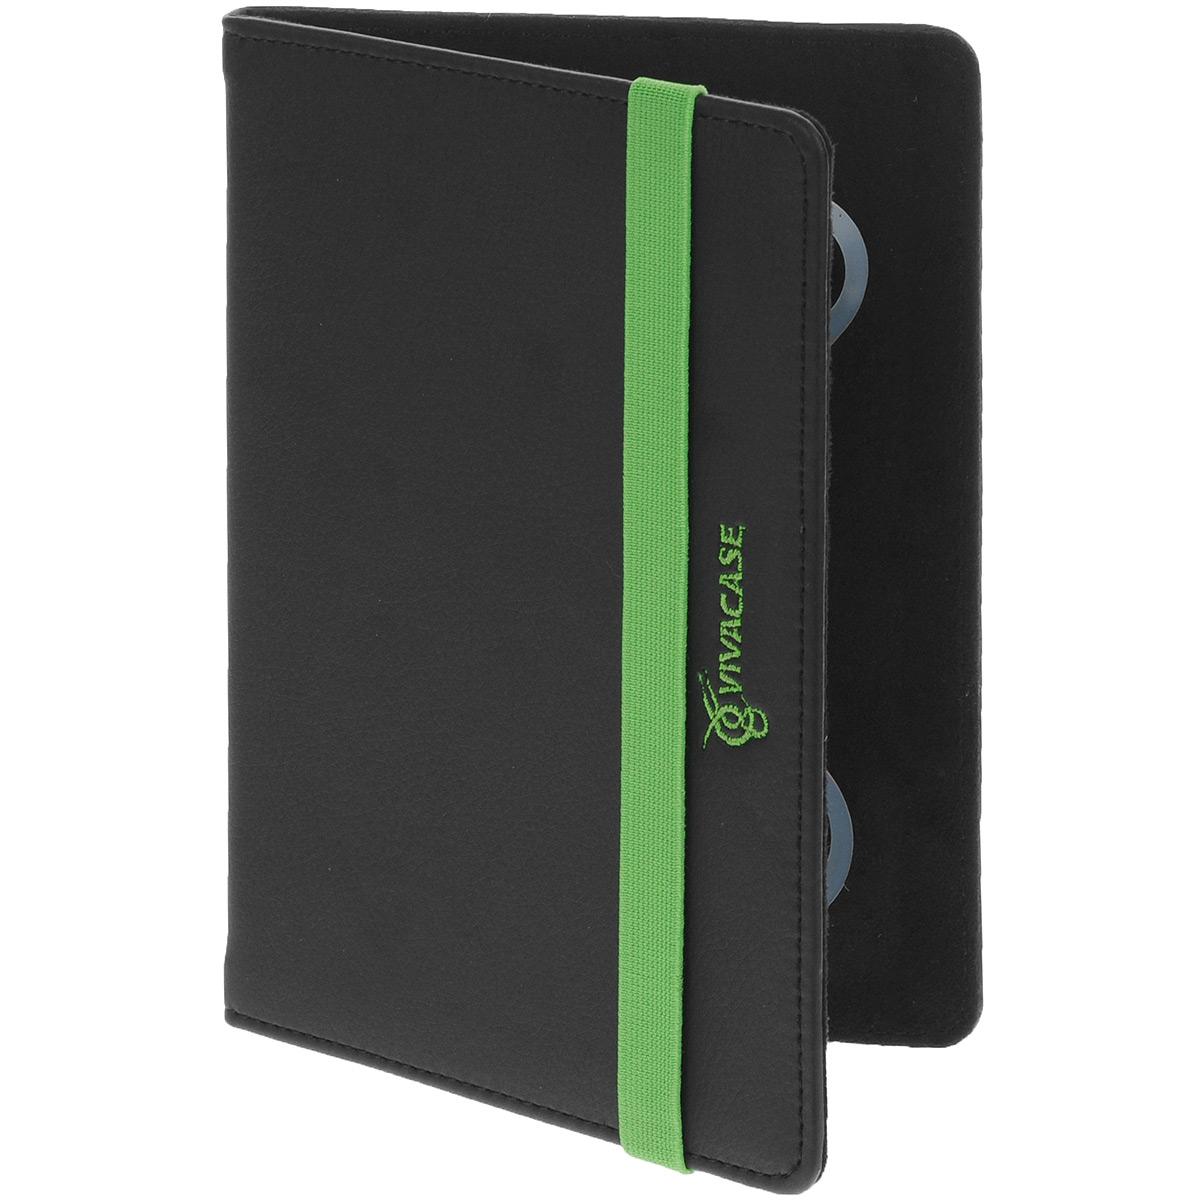 Vivacase Neon универсальный чехол-обложка для планшетов 7+, Black Green (VUC-CNN07P-bg)VUC-CNN07P-bgУниверсальный чехол Vivacase с резиновым креплением, который подходит для любых популярных планшетов и электронных книг с диагональю дисплея в 7+ дюймов. Изготовлен из прочной ткани. Она очень прочна, устойчива к истиранию и почти не пропускает влагу. Благодаря этому материалу и плотному каркасу ваше устройство будет надежно защищено от возможных неприятностей и прослужит вам максимально долго. Мягкая подкладка приятна на ощупь и предотвращает появление царапин на корпусе и дисплее. Закрытым чехол удерживает широкая резинка зеленого цвета, служащая ярким цветовым акцентом и выделяющая чехол на фоне других.